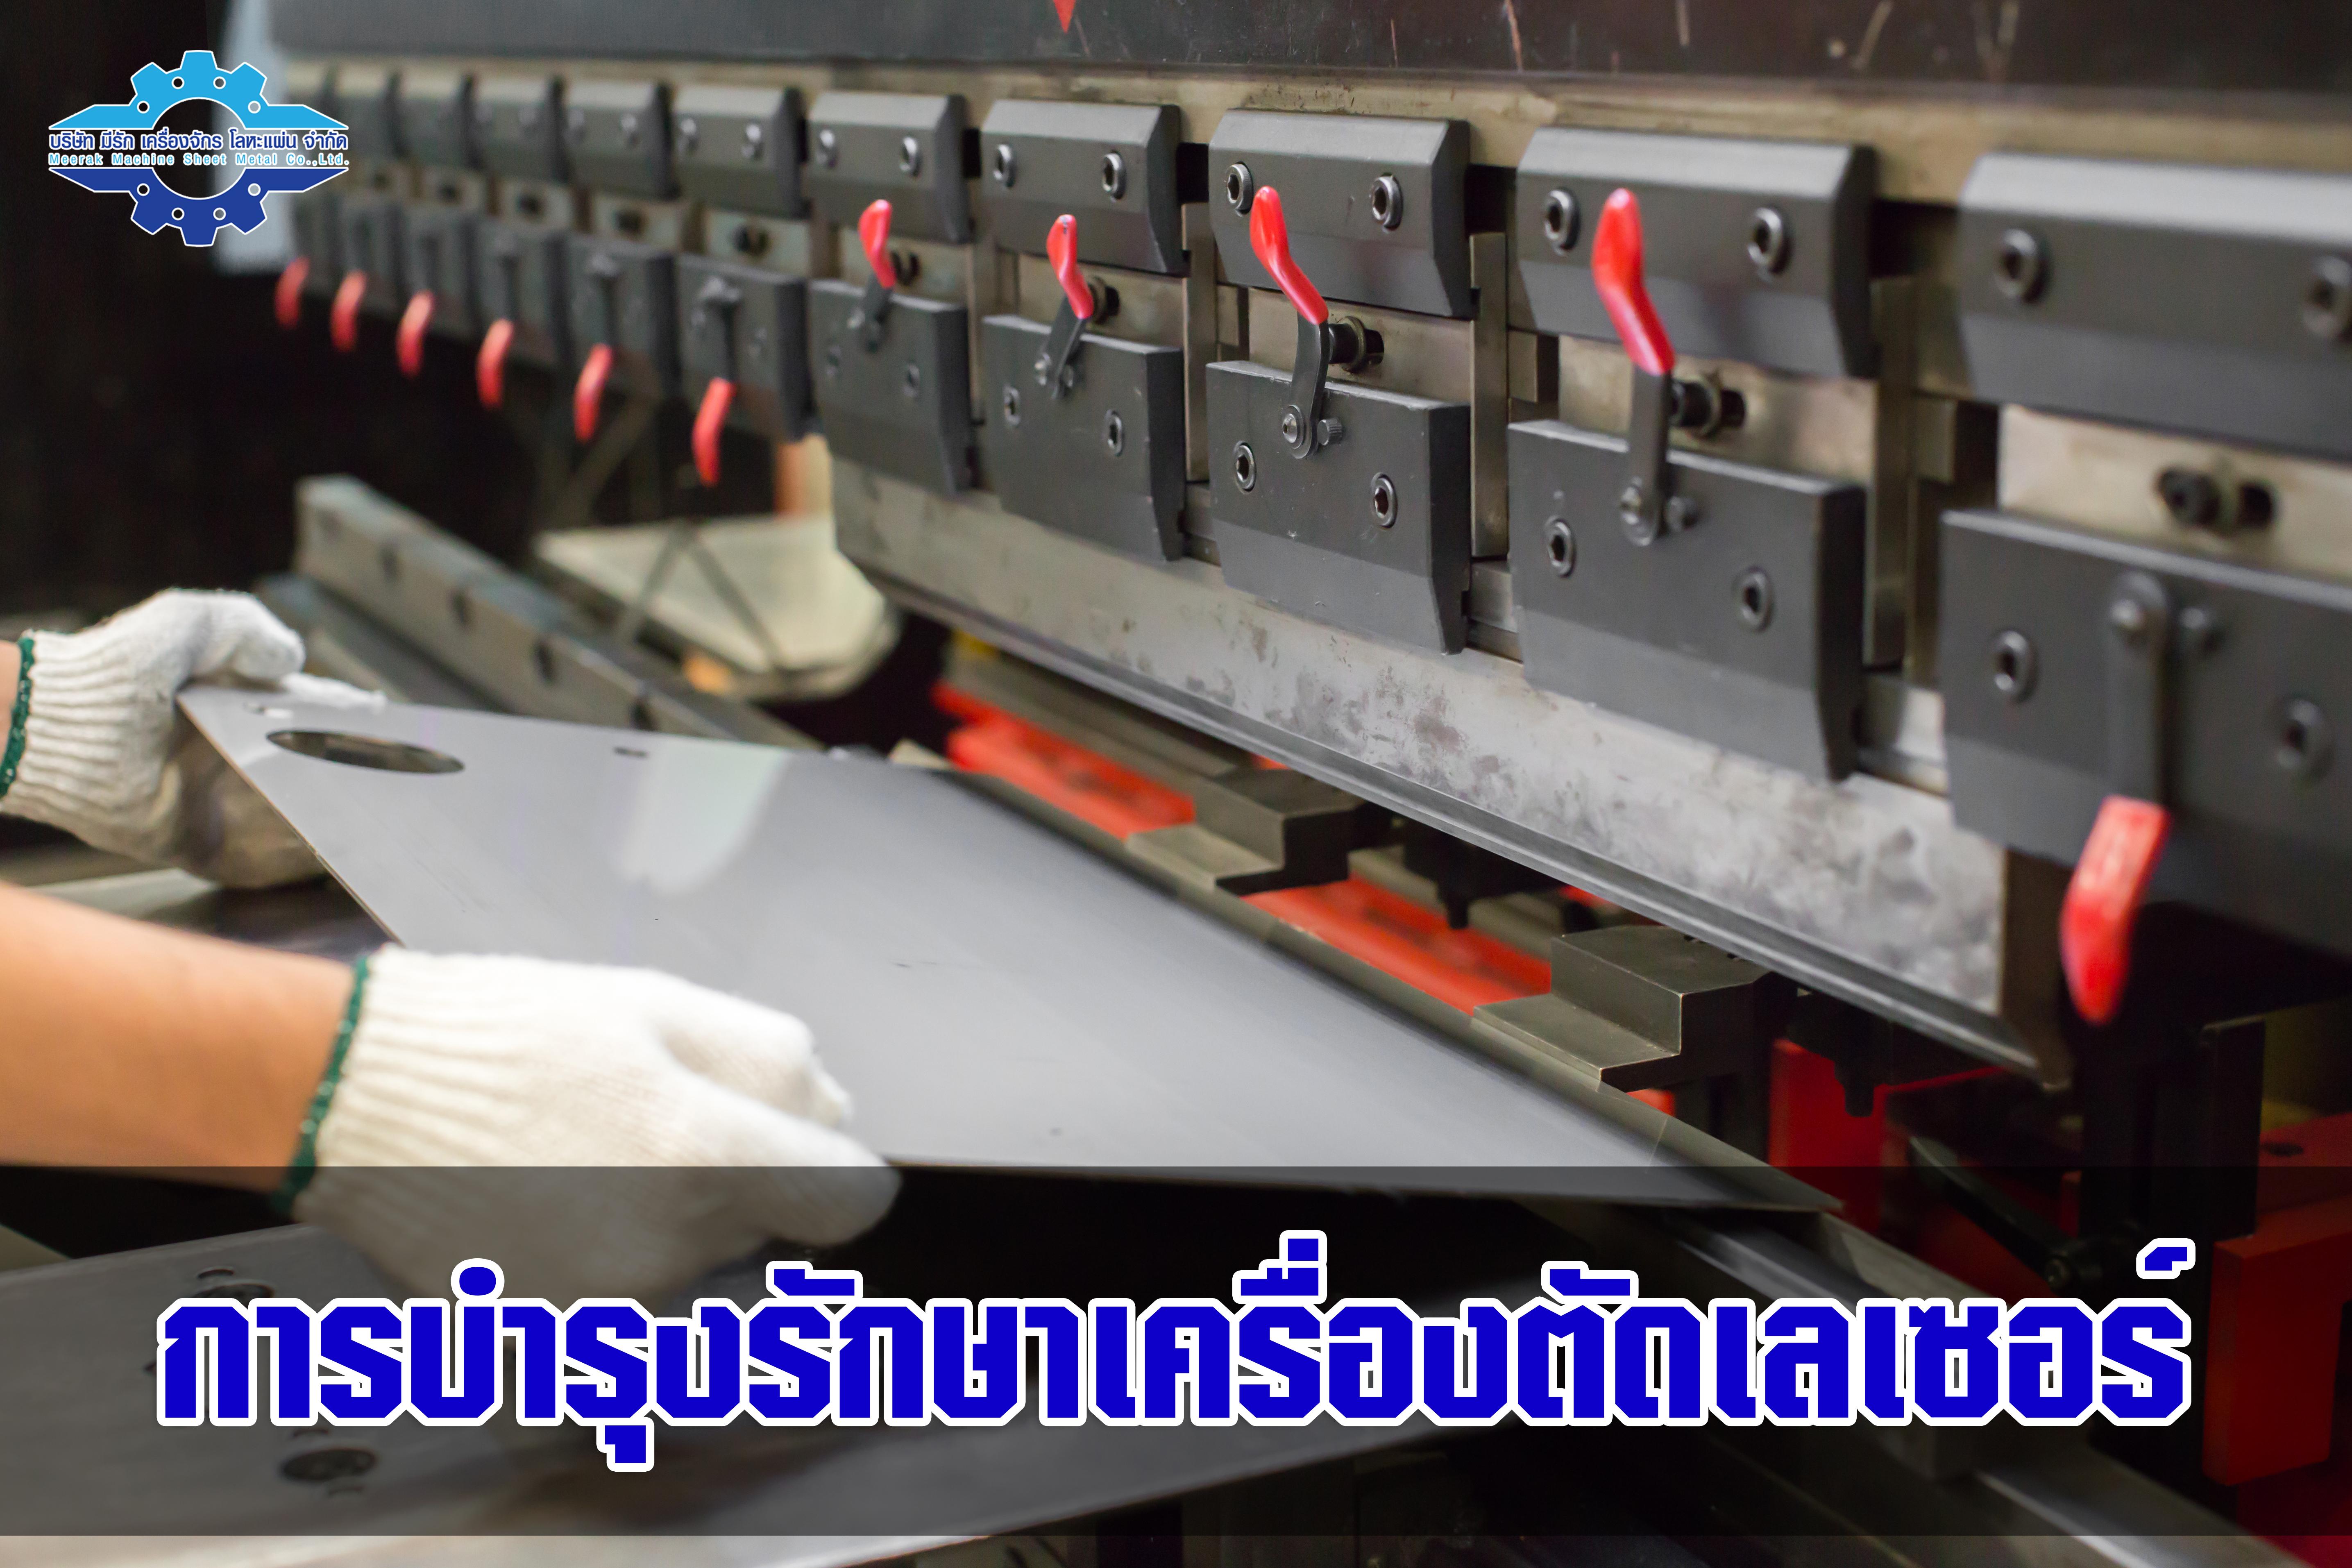 การบำรุงรักษาเครื่องตัดเลเซอร์-meerakmachine-มีรักแมชชีน